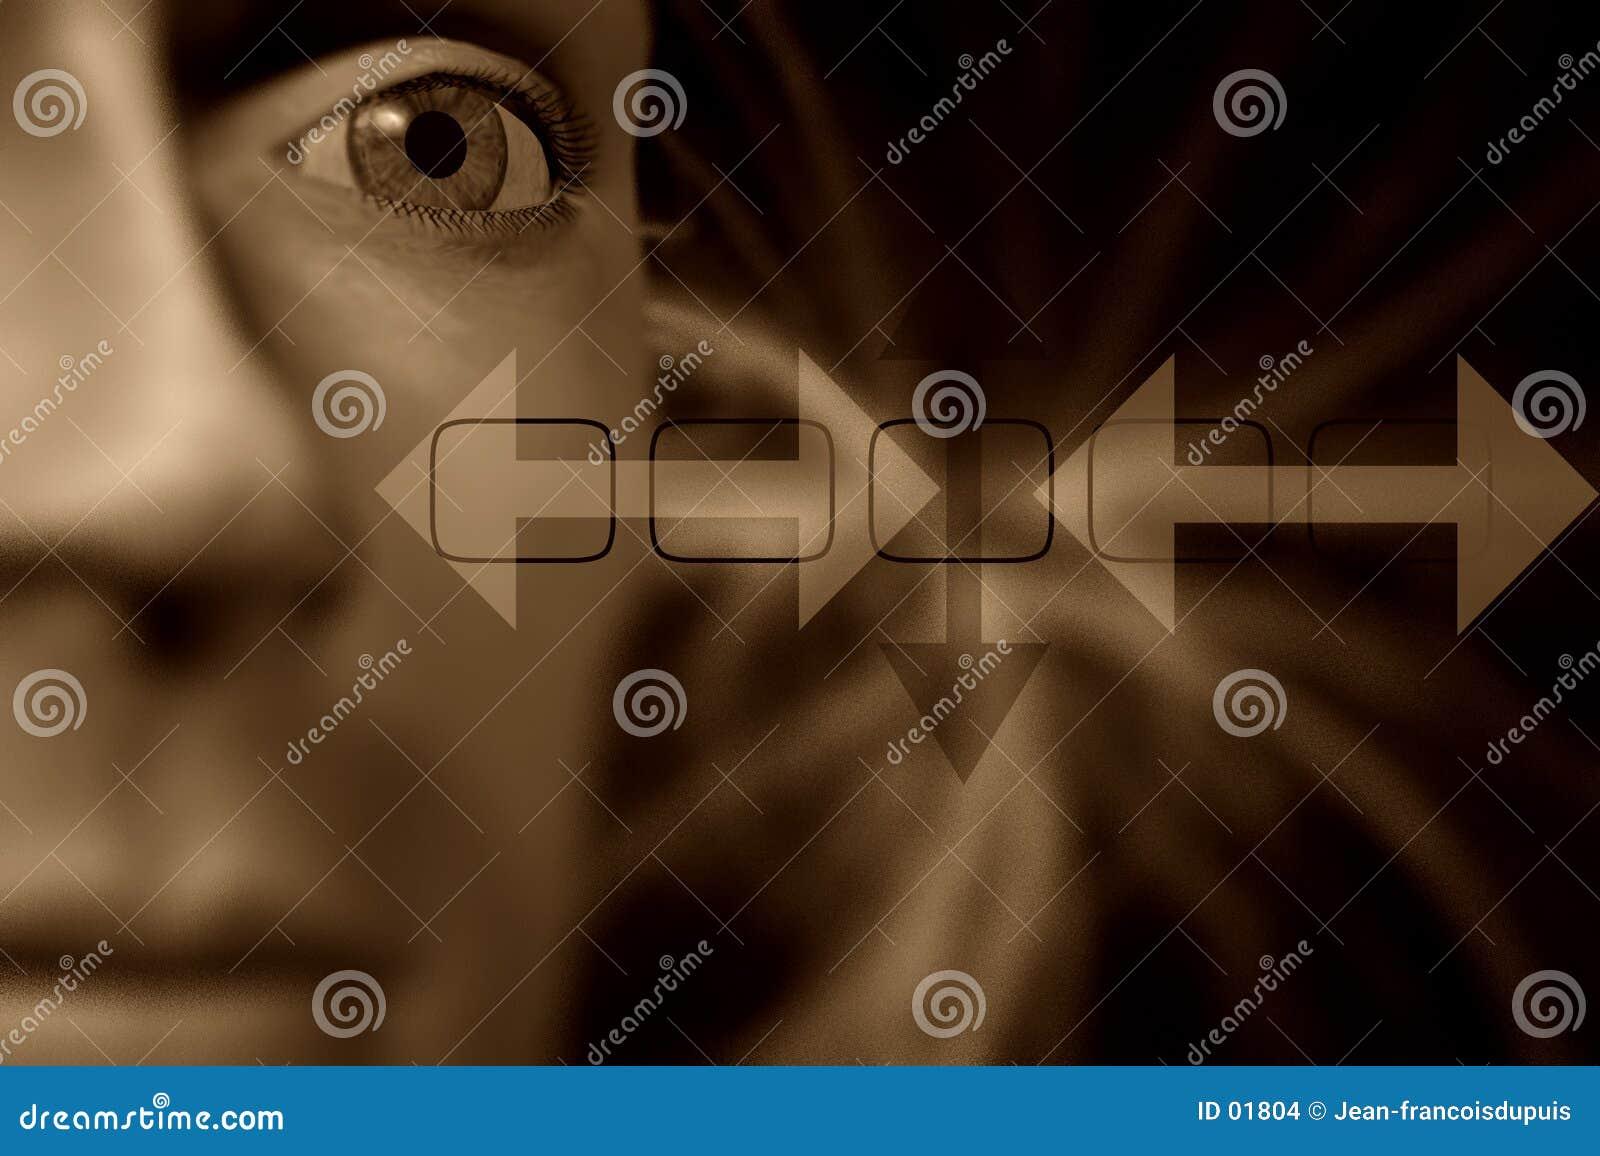 Oko ludzkie głowy ogniska,